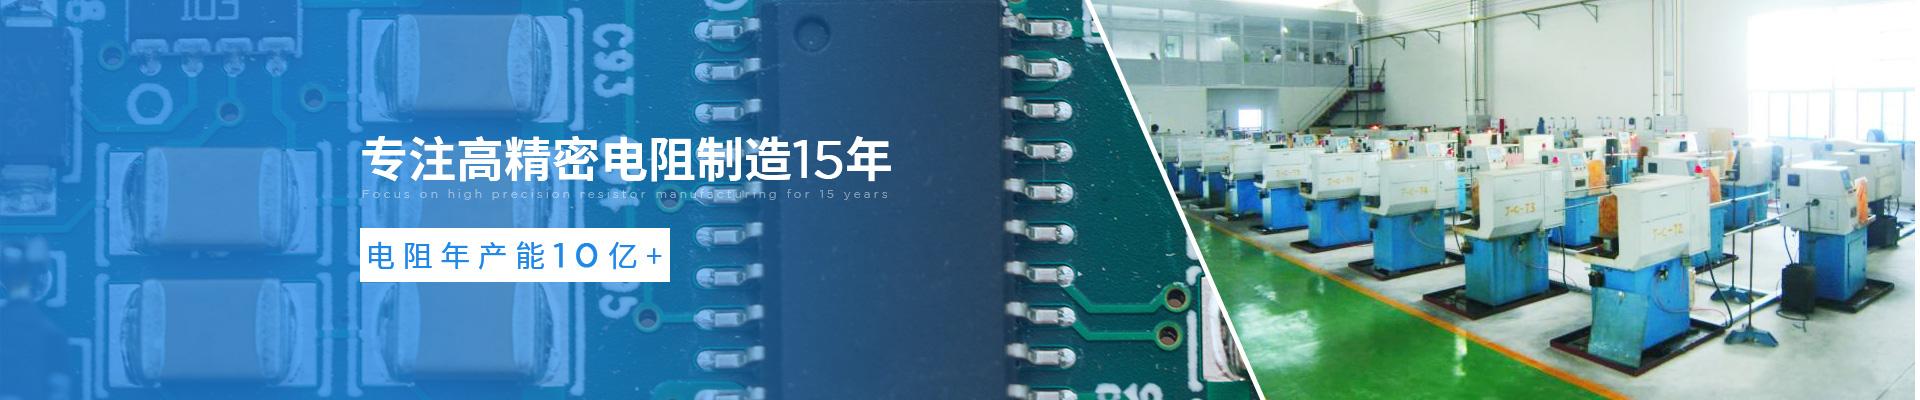 优德88手机app下载优德88官方网站登陆-专注高精密优德88中文官网制造15年